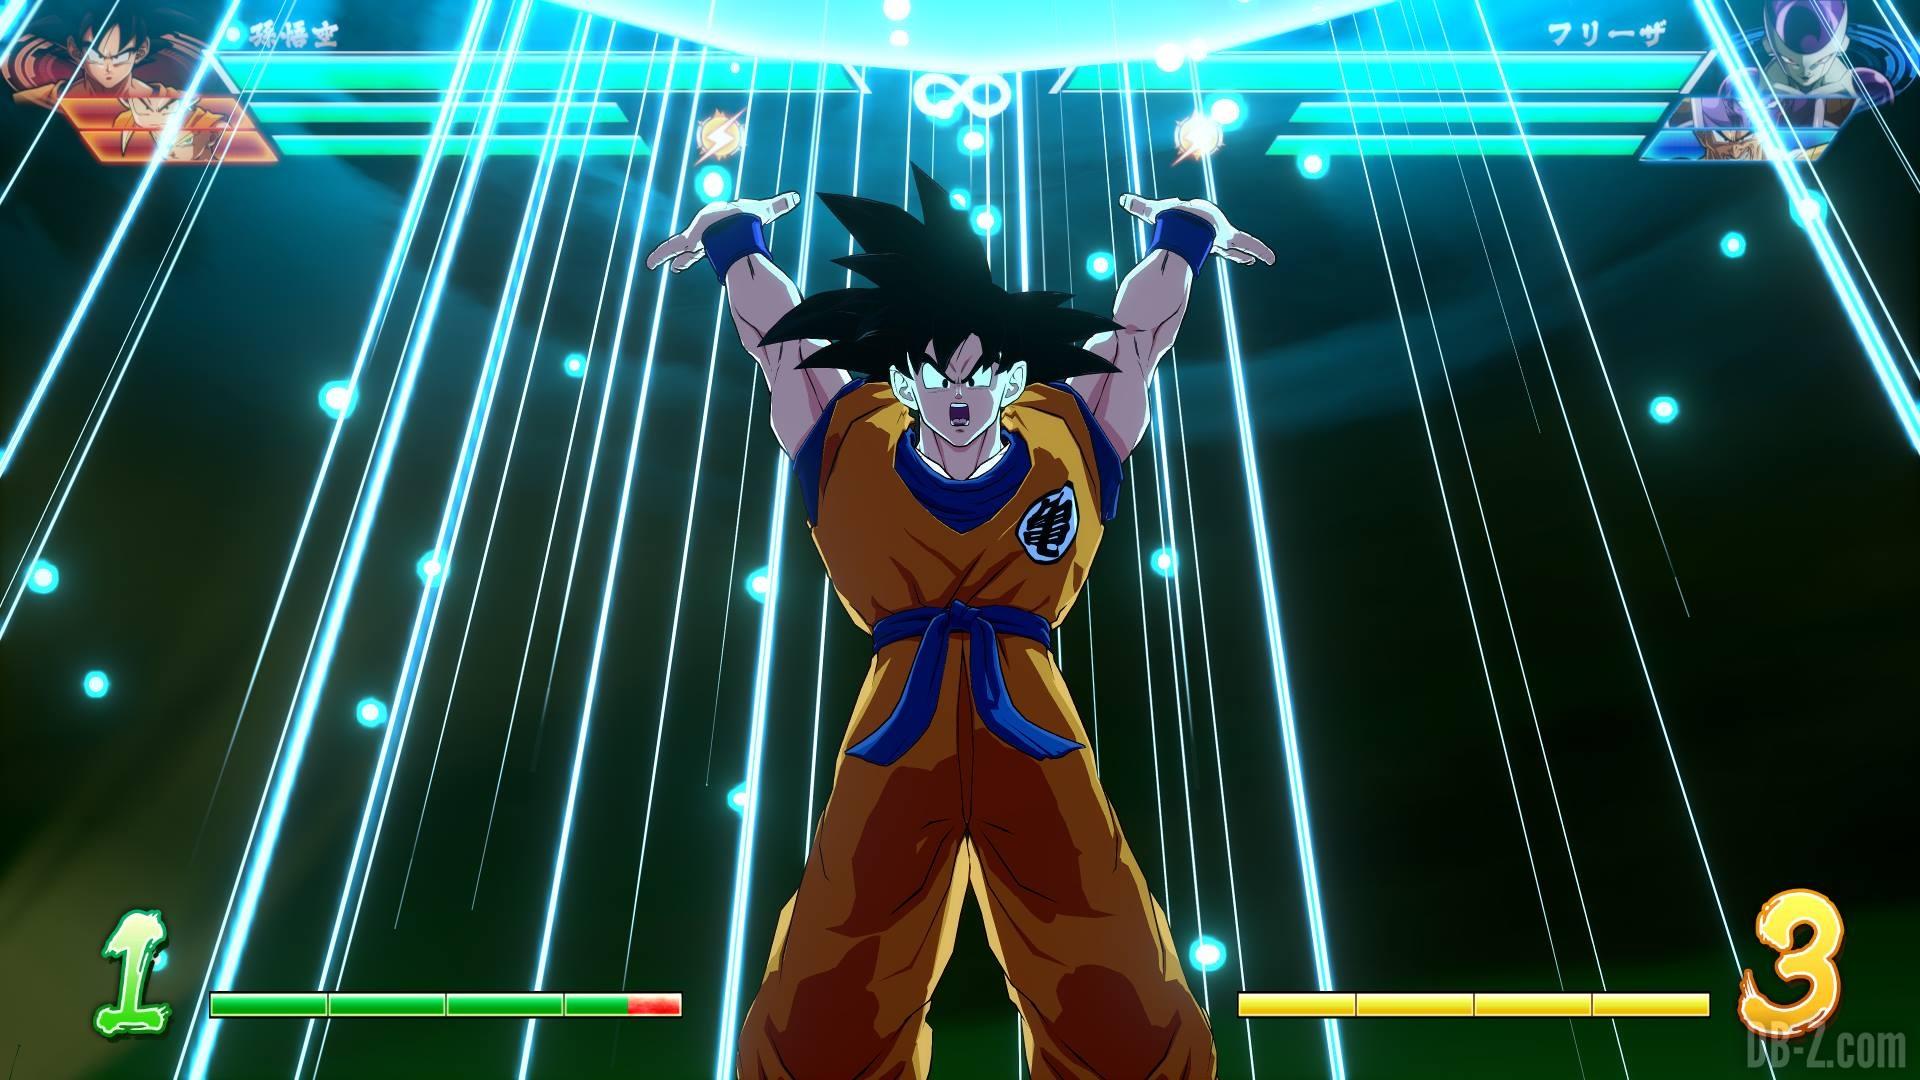 Dragon Ball Fighterz Les Couleurs Et Stats De Goku Et Vegeta Non